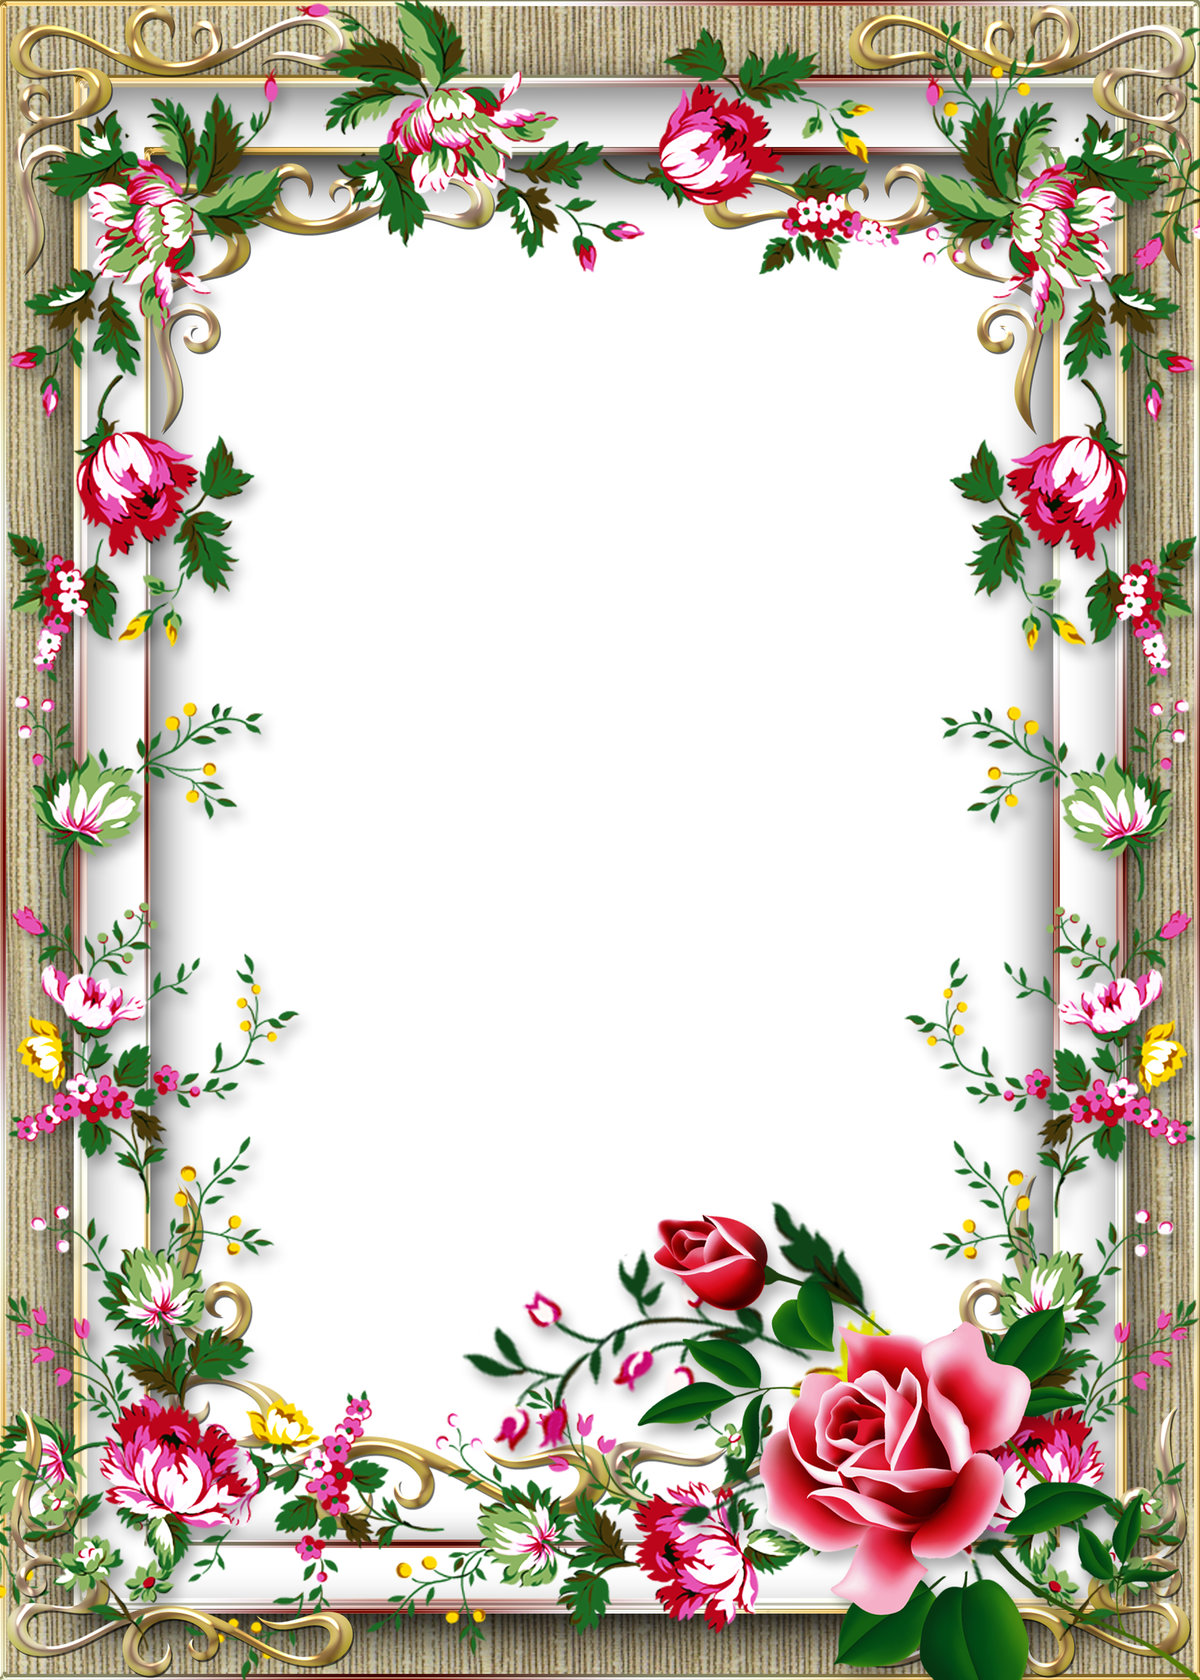 Открытка тебе, красивые рамки для текста в ворде для поздравлений